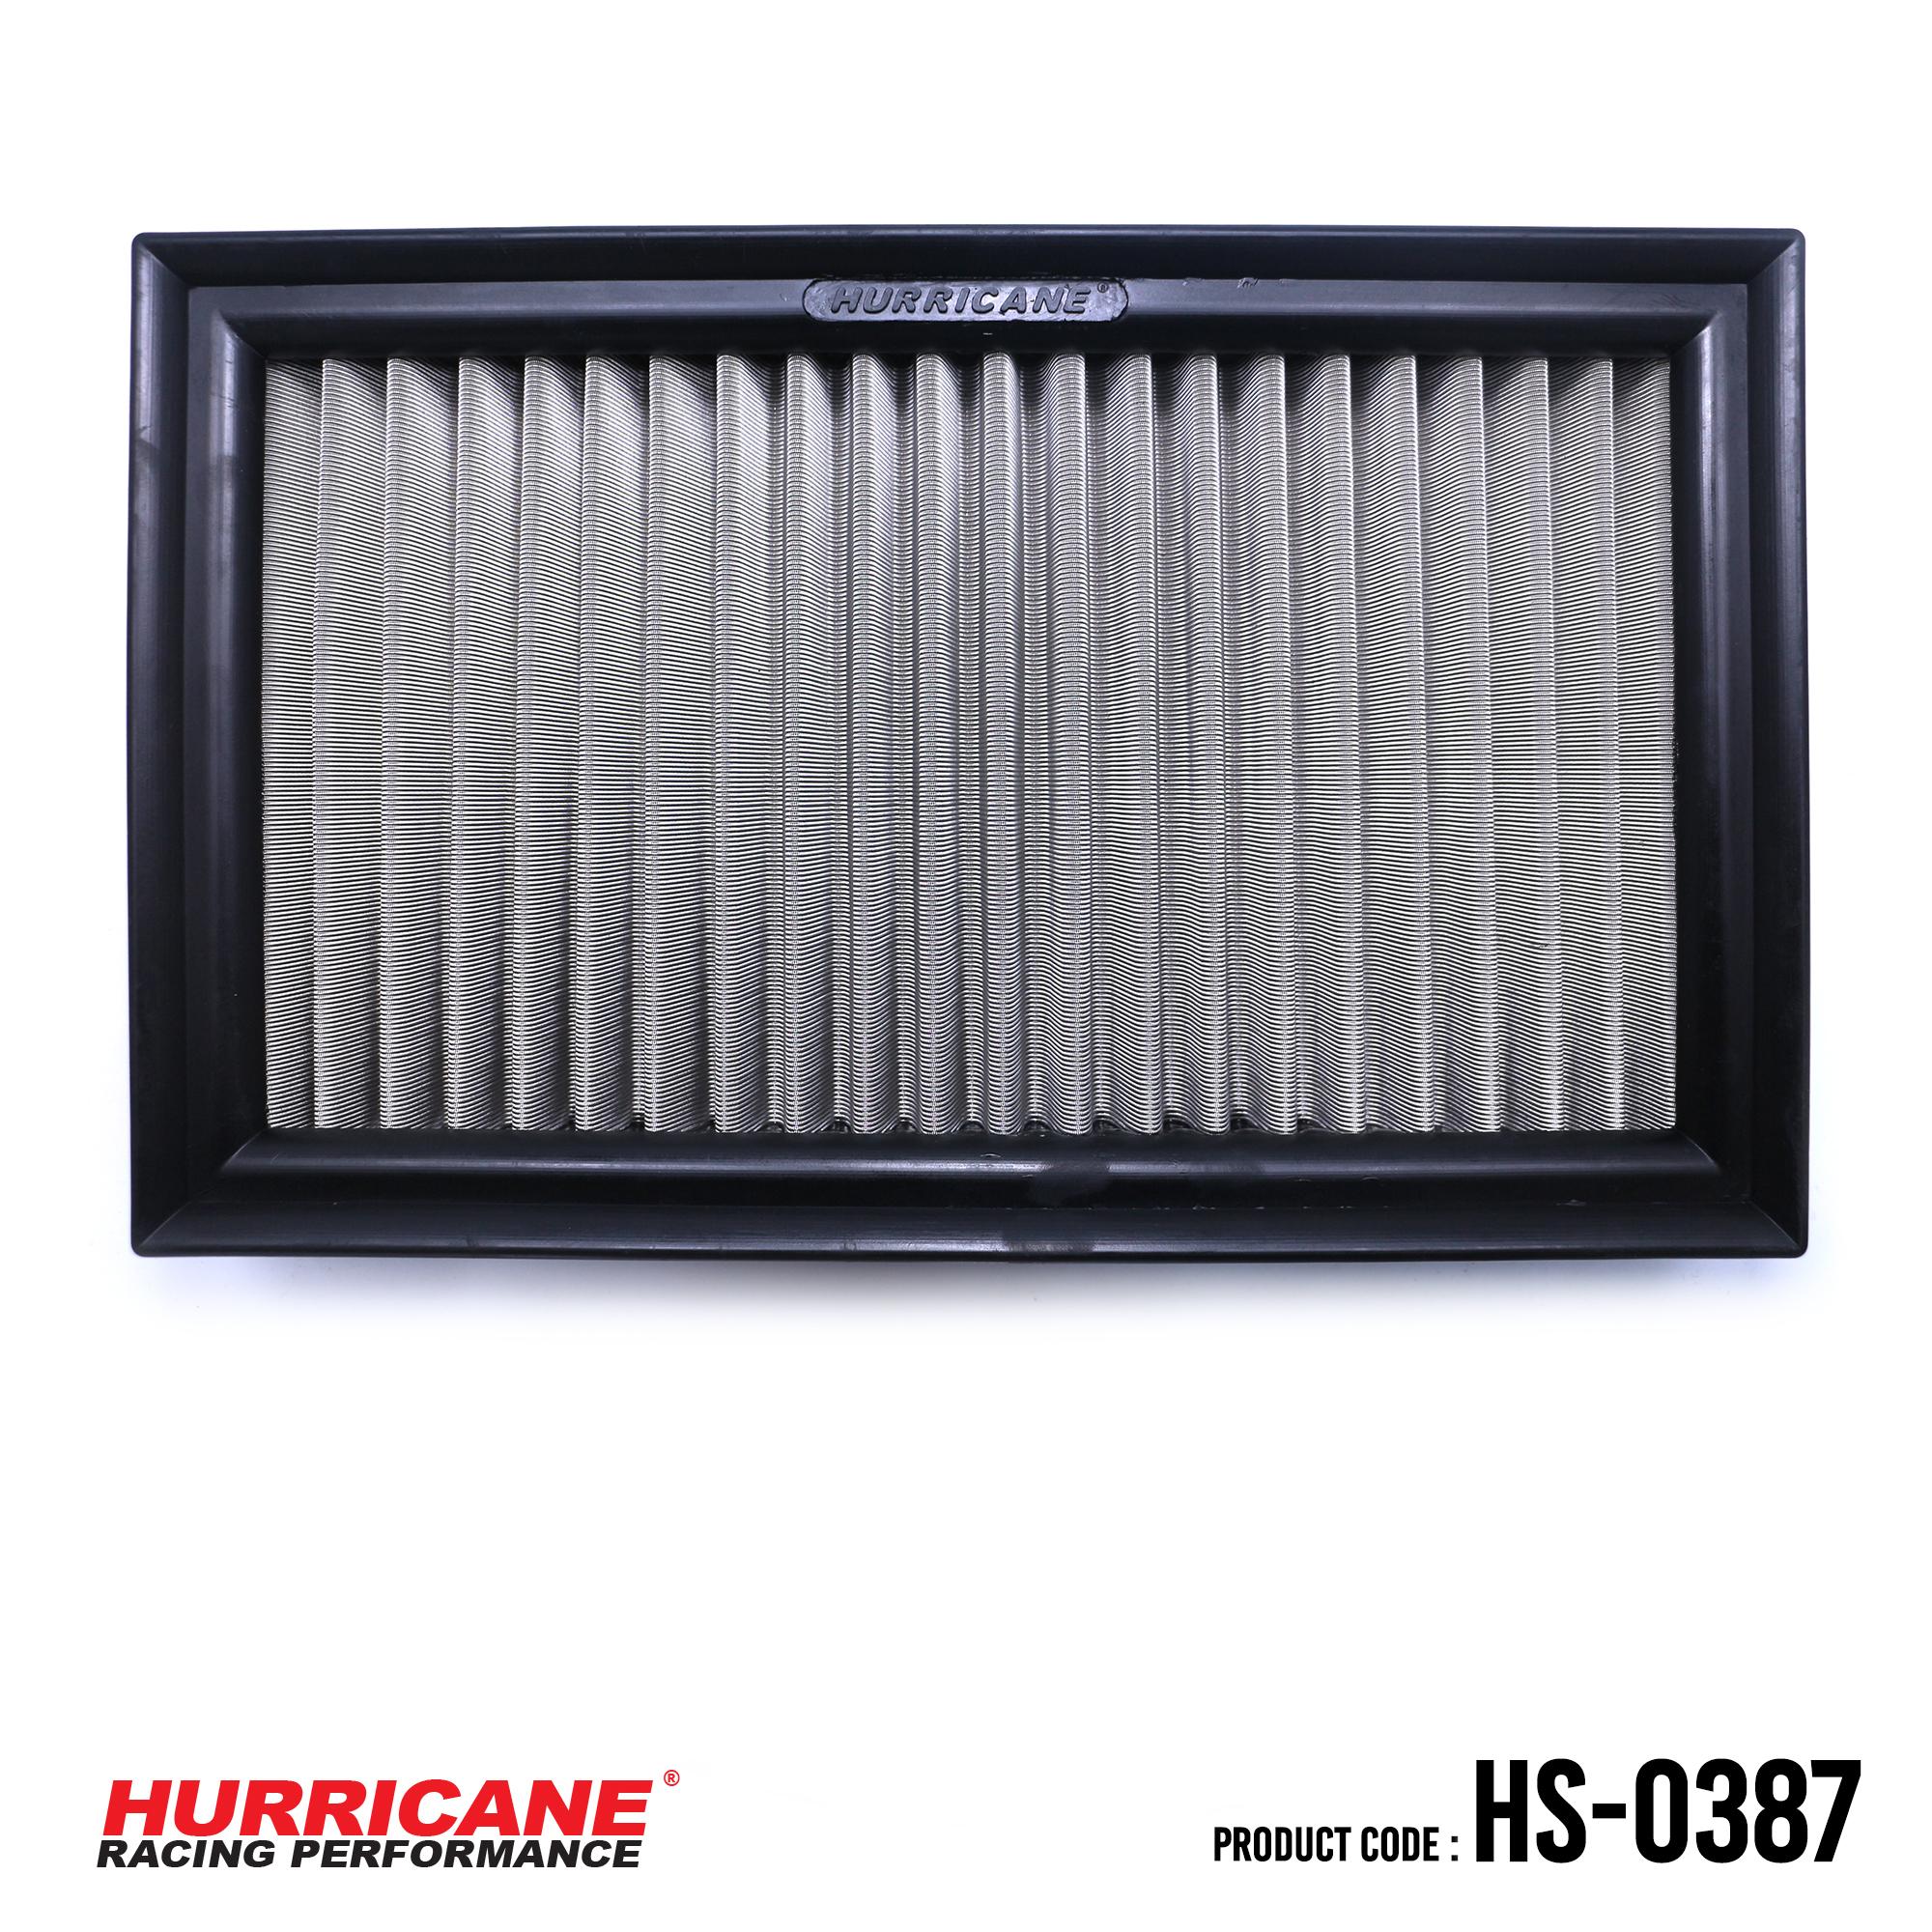 HURRICANE STAINLESS STEEL AIR FILTER FOR HS-0387 AudiVolkswagen